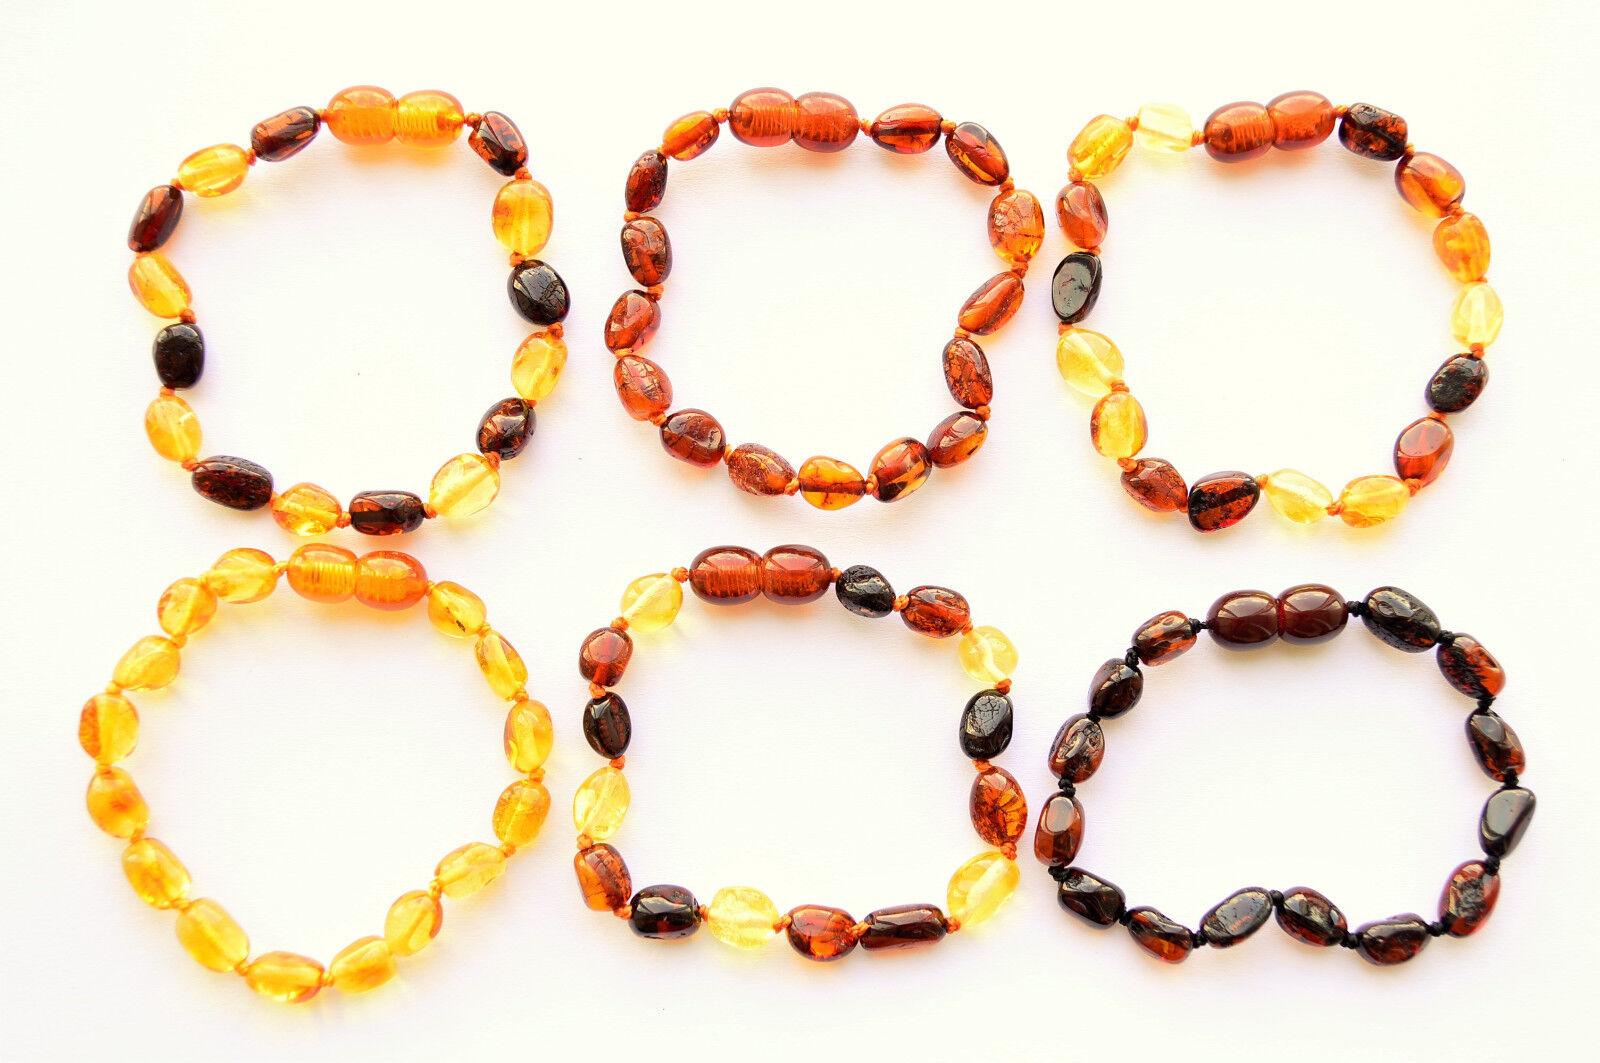 Natürlich Bernstein Armband Baby/Kinder/Erwachsene 11-27cm OVAL Beads 9 FARBE